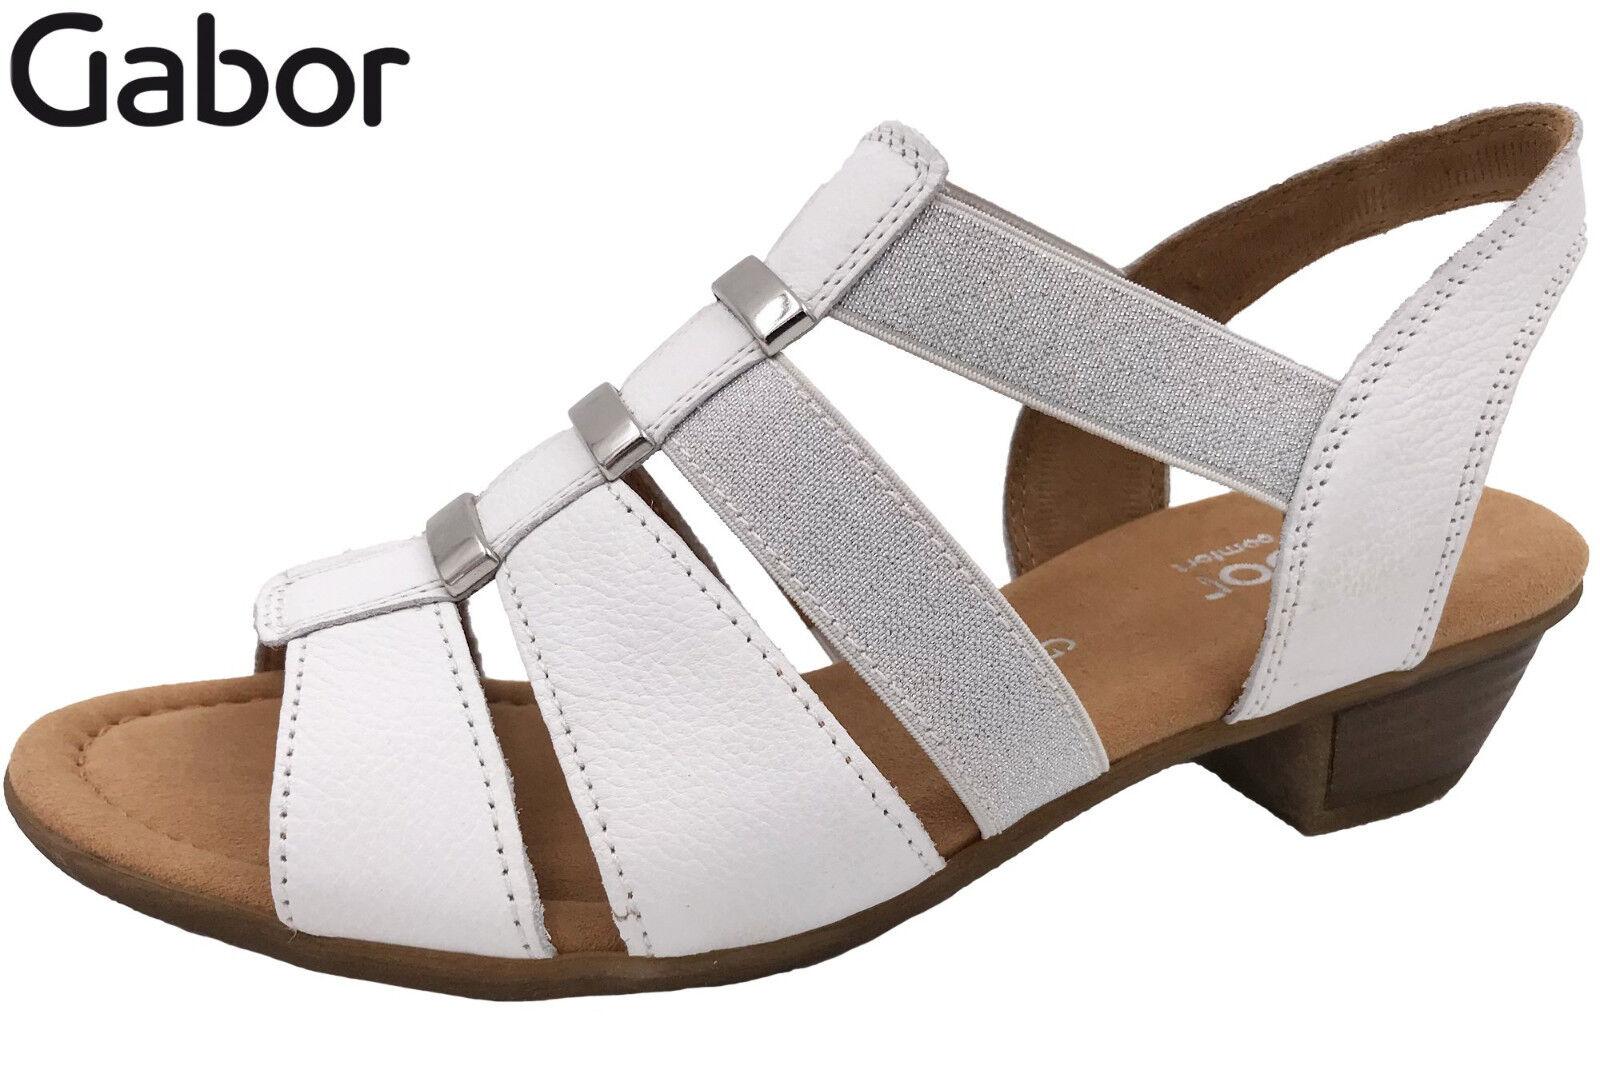 Gabor Damen Sandalette Weiß Leder Sandale Weite G NEU 82472-50